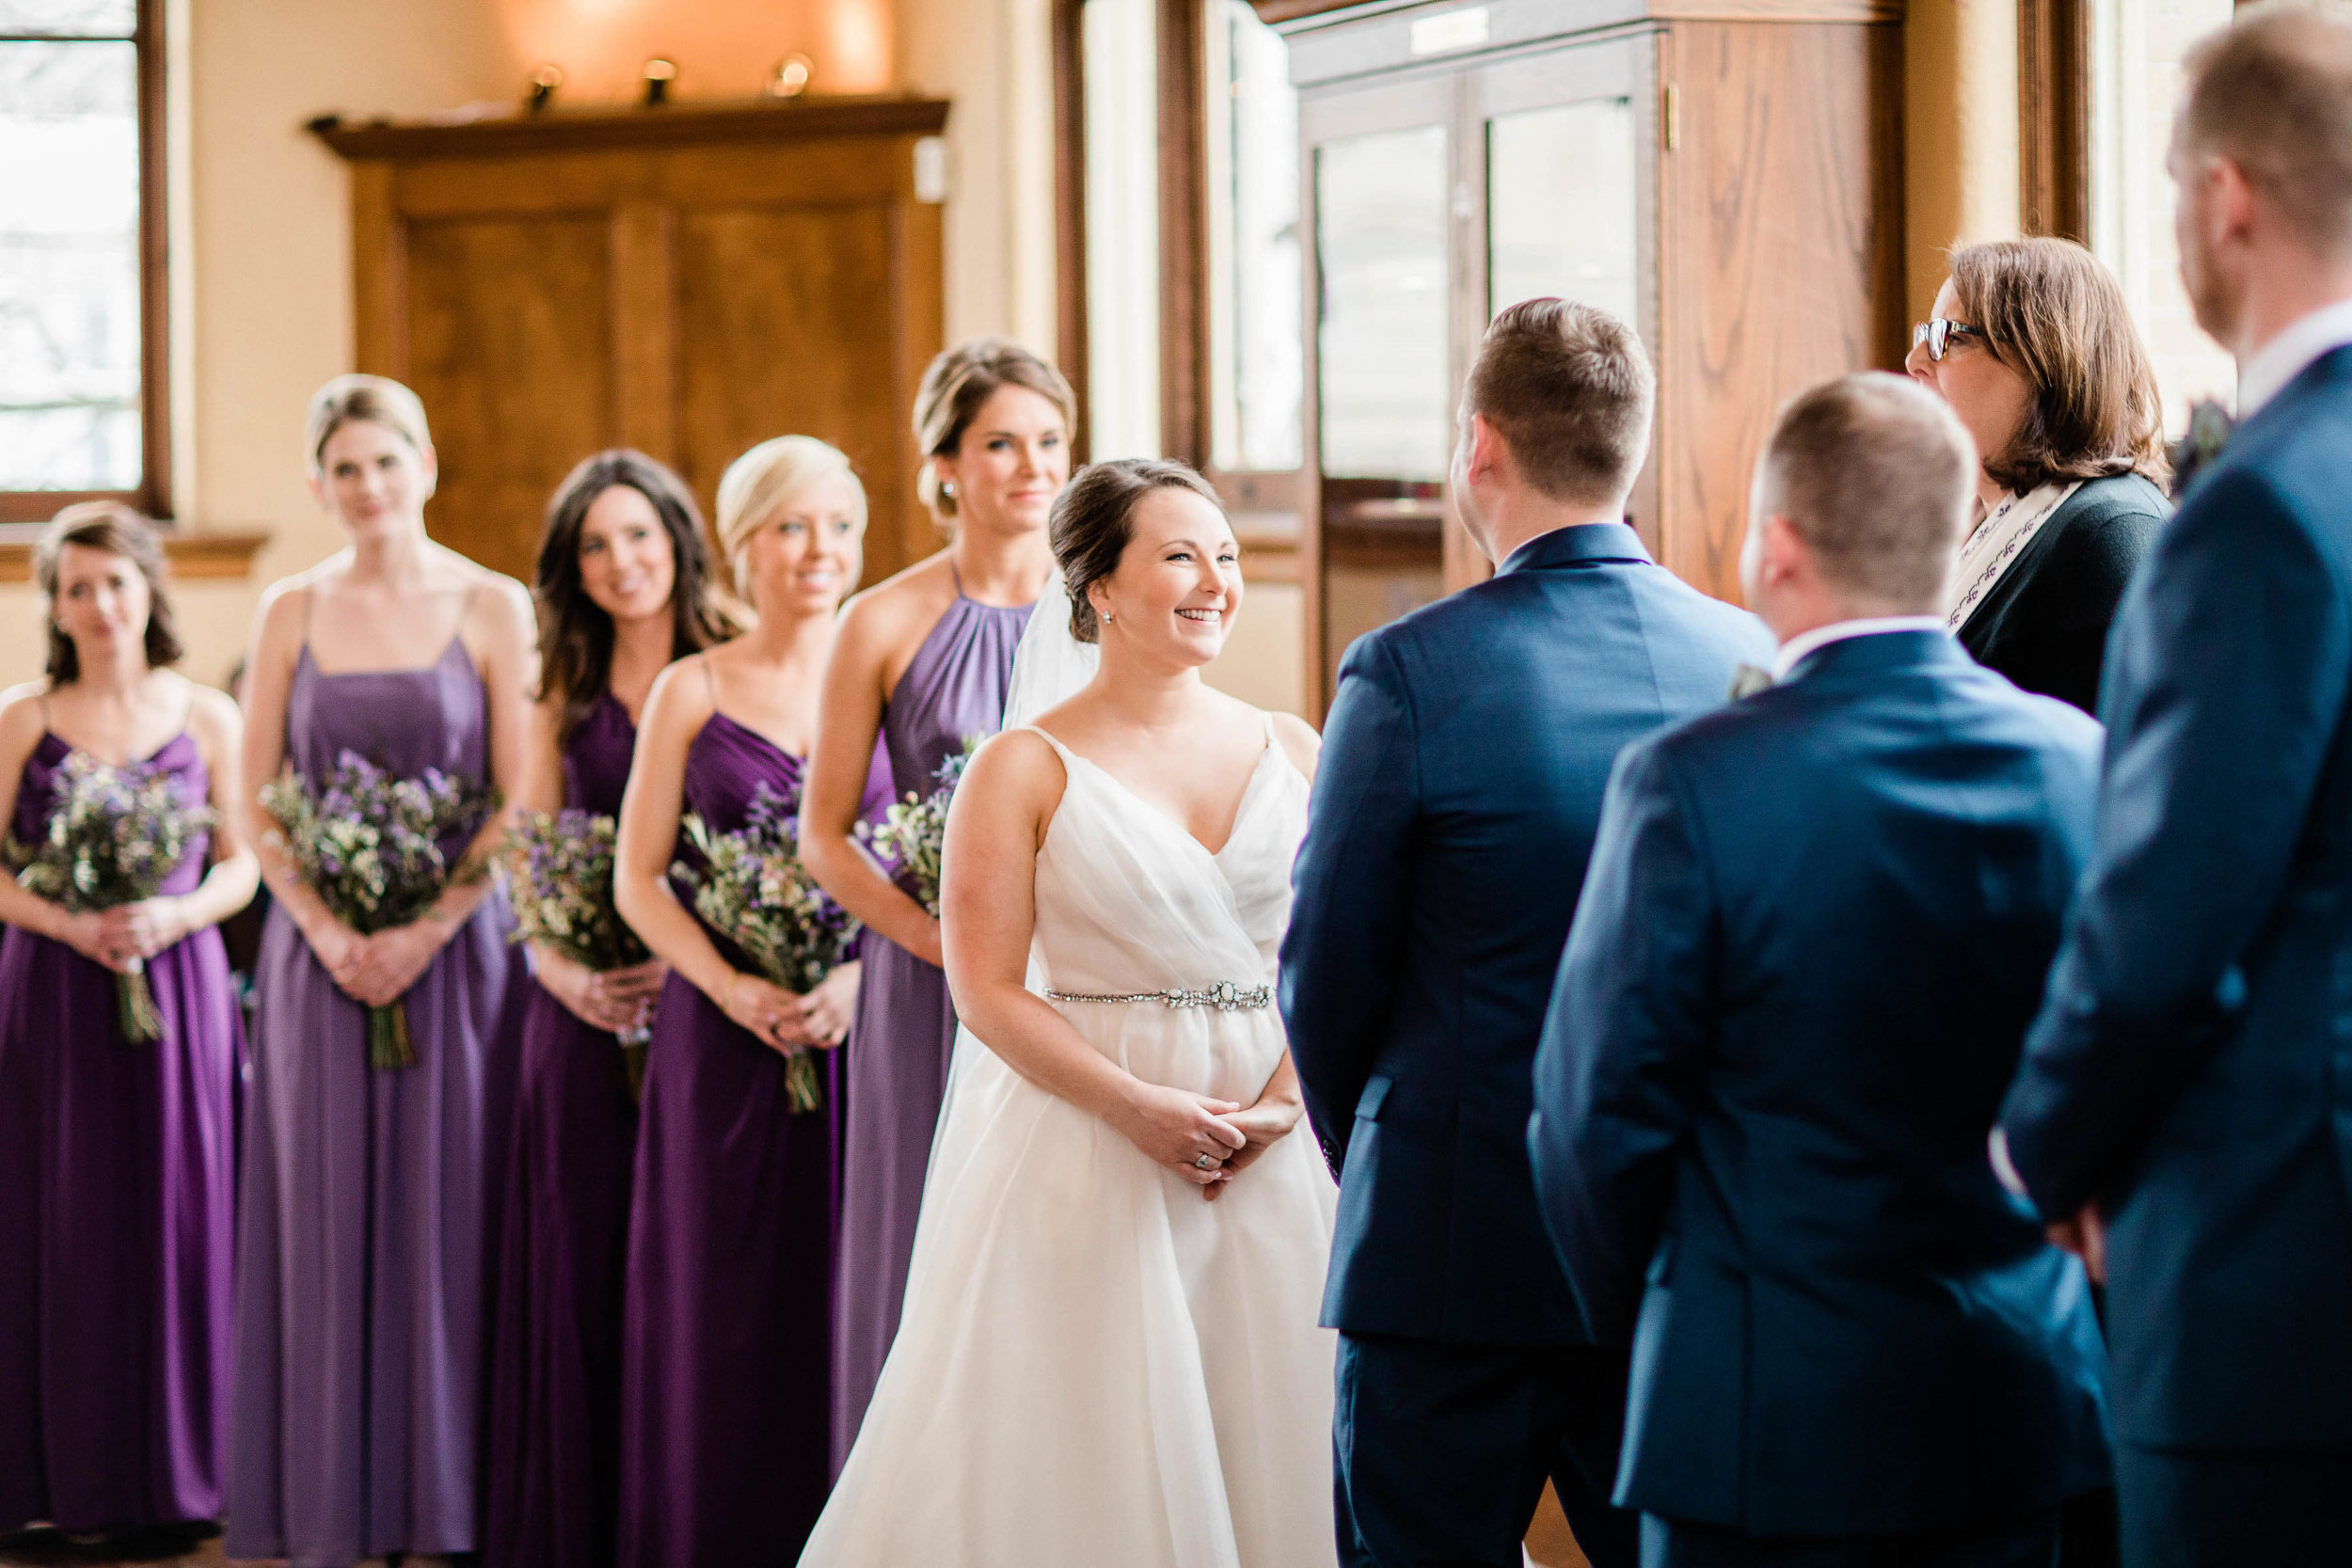 cincinnati wedding photographer carnegie center (6 of 9).jpg